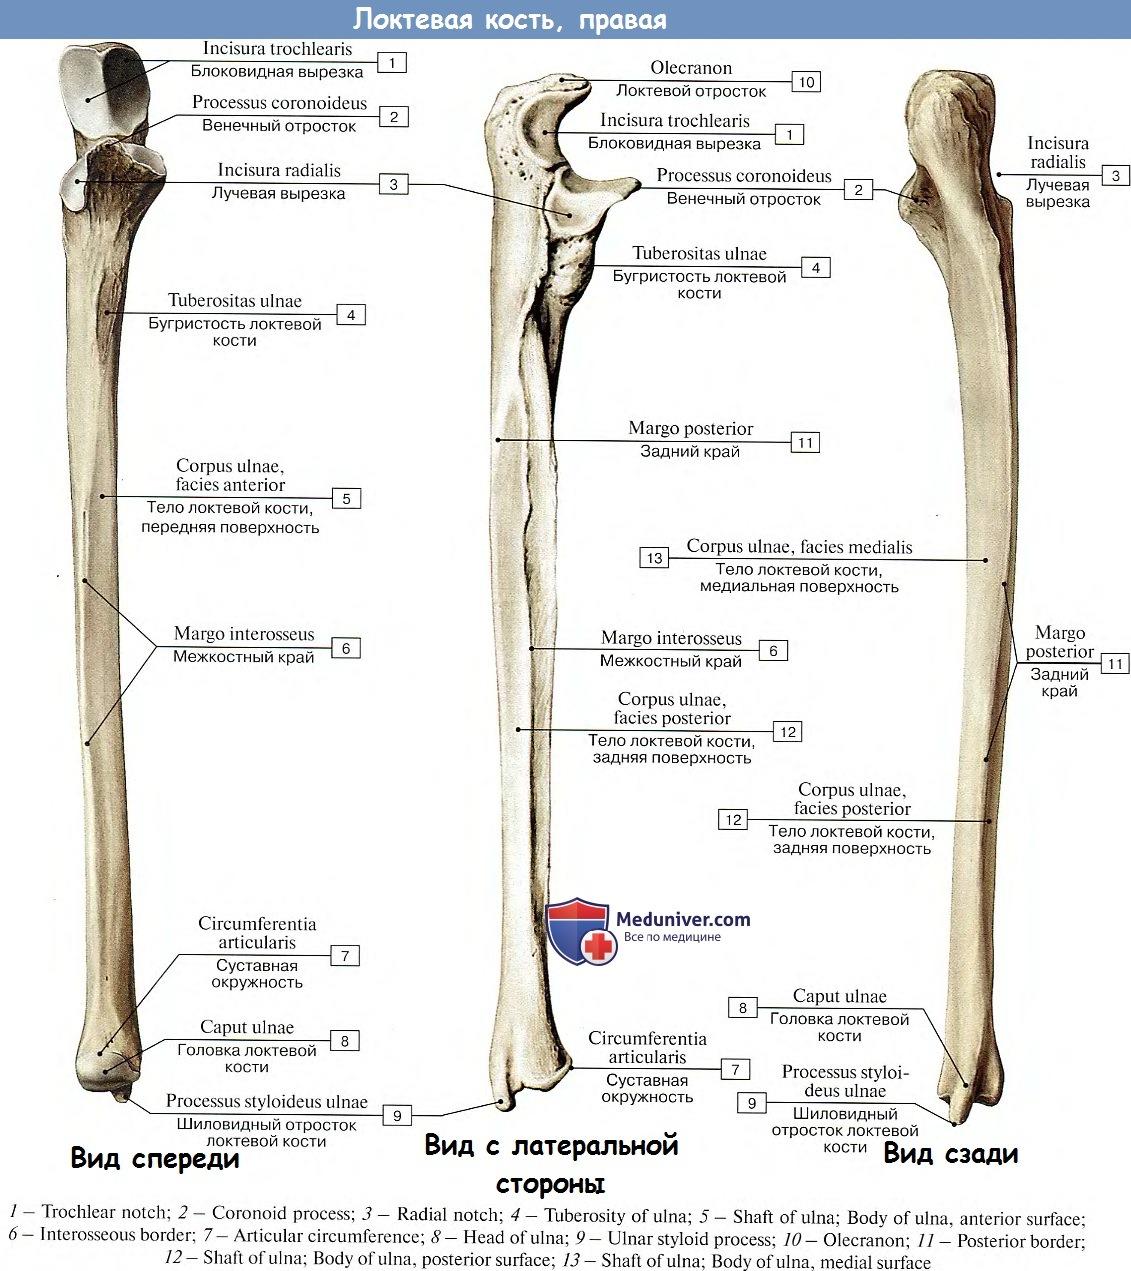 Локтевая кость(ulna), парная